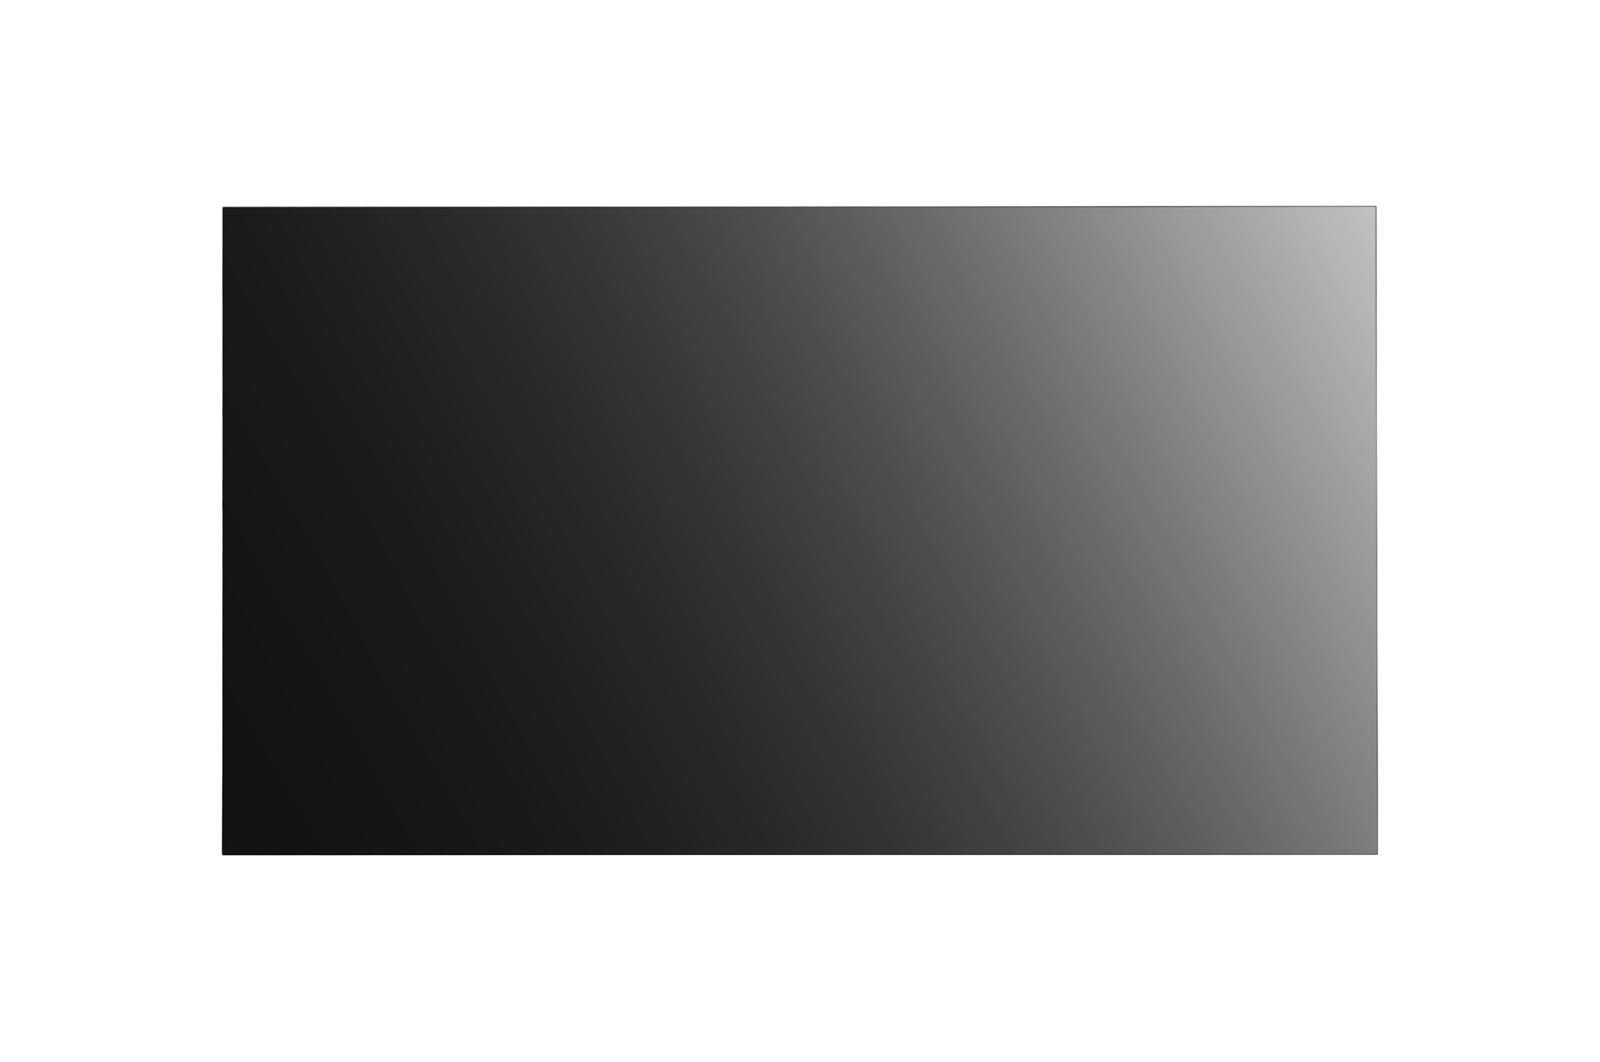 """LG 55VM5E-A pantalla de señalización 139,7 cm (55"""") LED Full HD Pantalla plana para señalización digital Negro"""